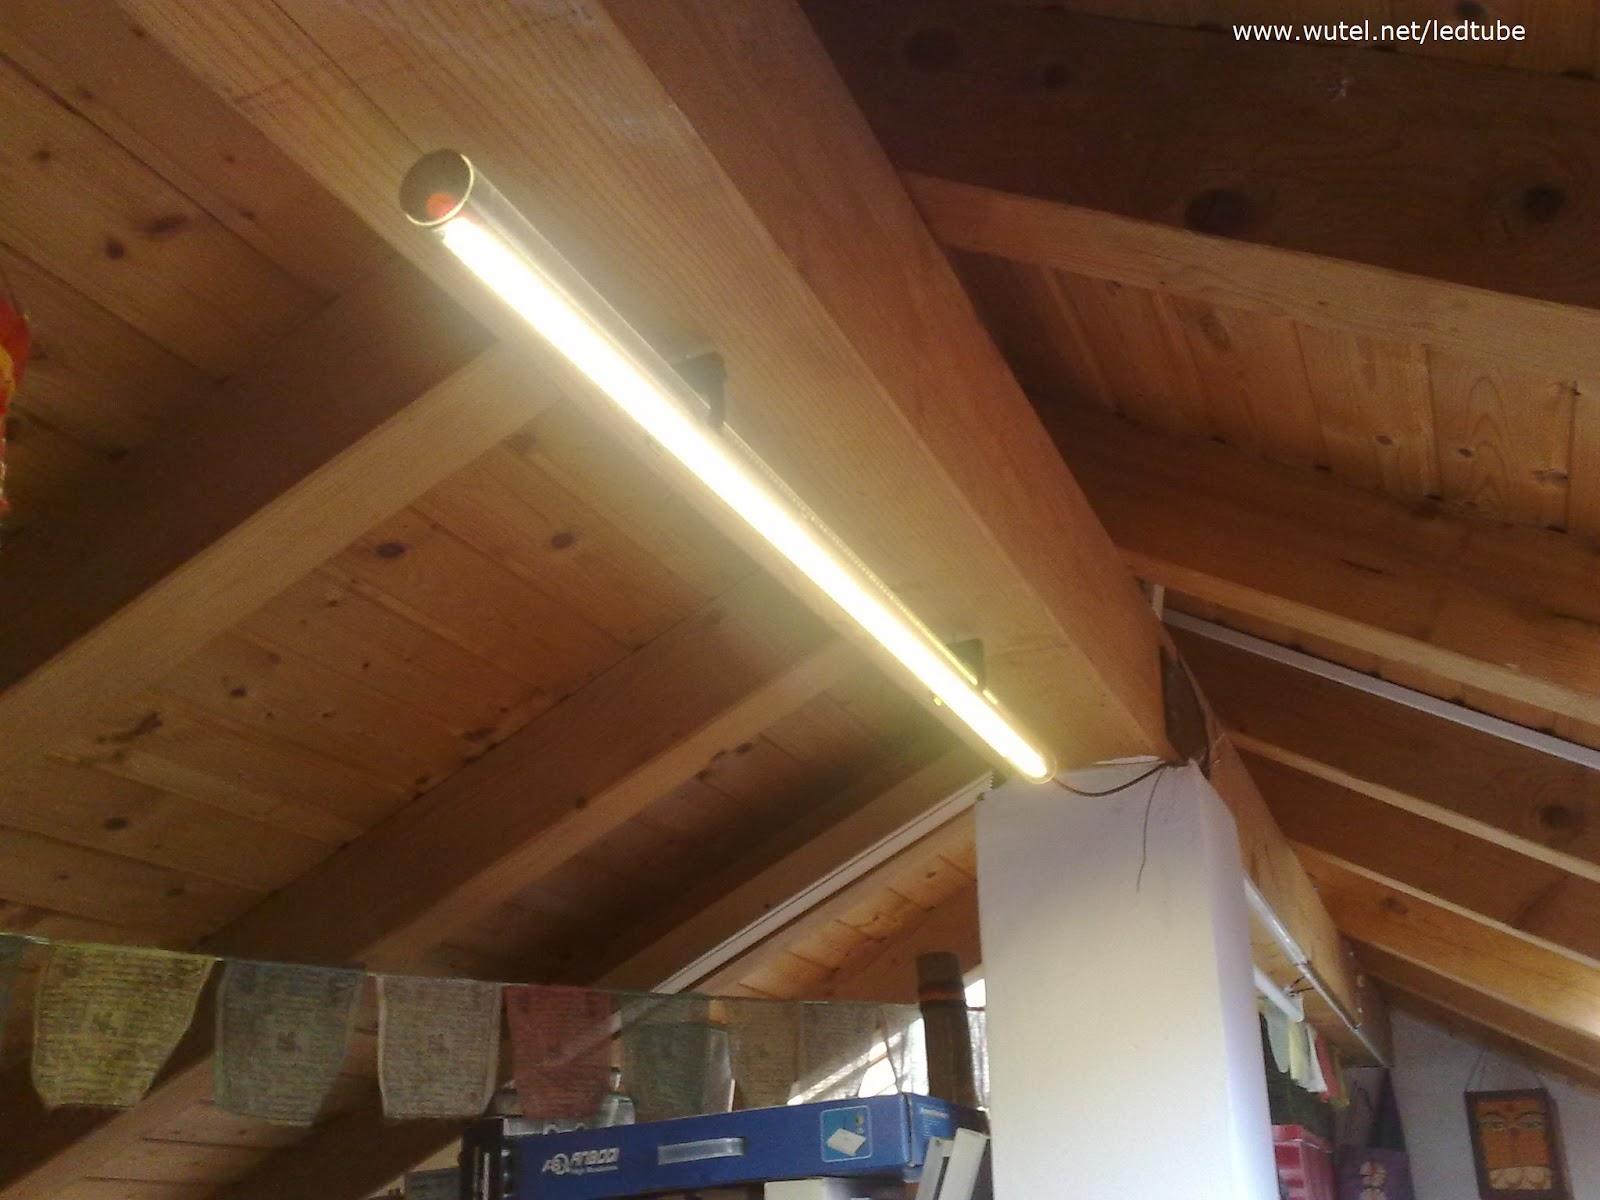 Soffitto Led : Casa privata-illuminazione con linee di luce a soffitto ...